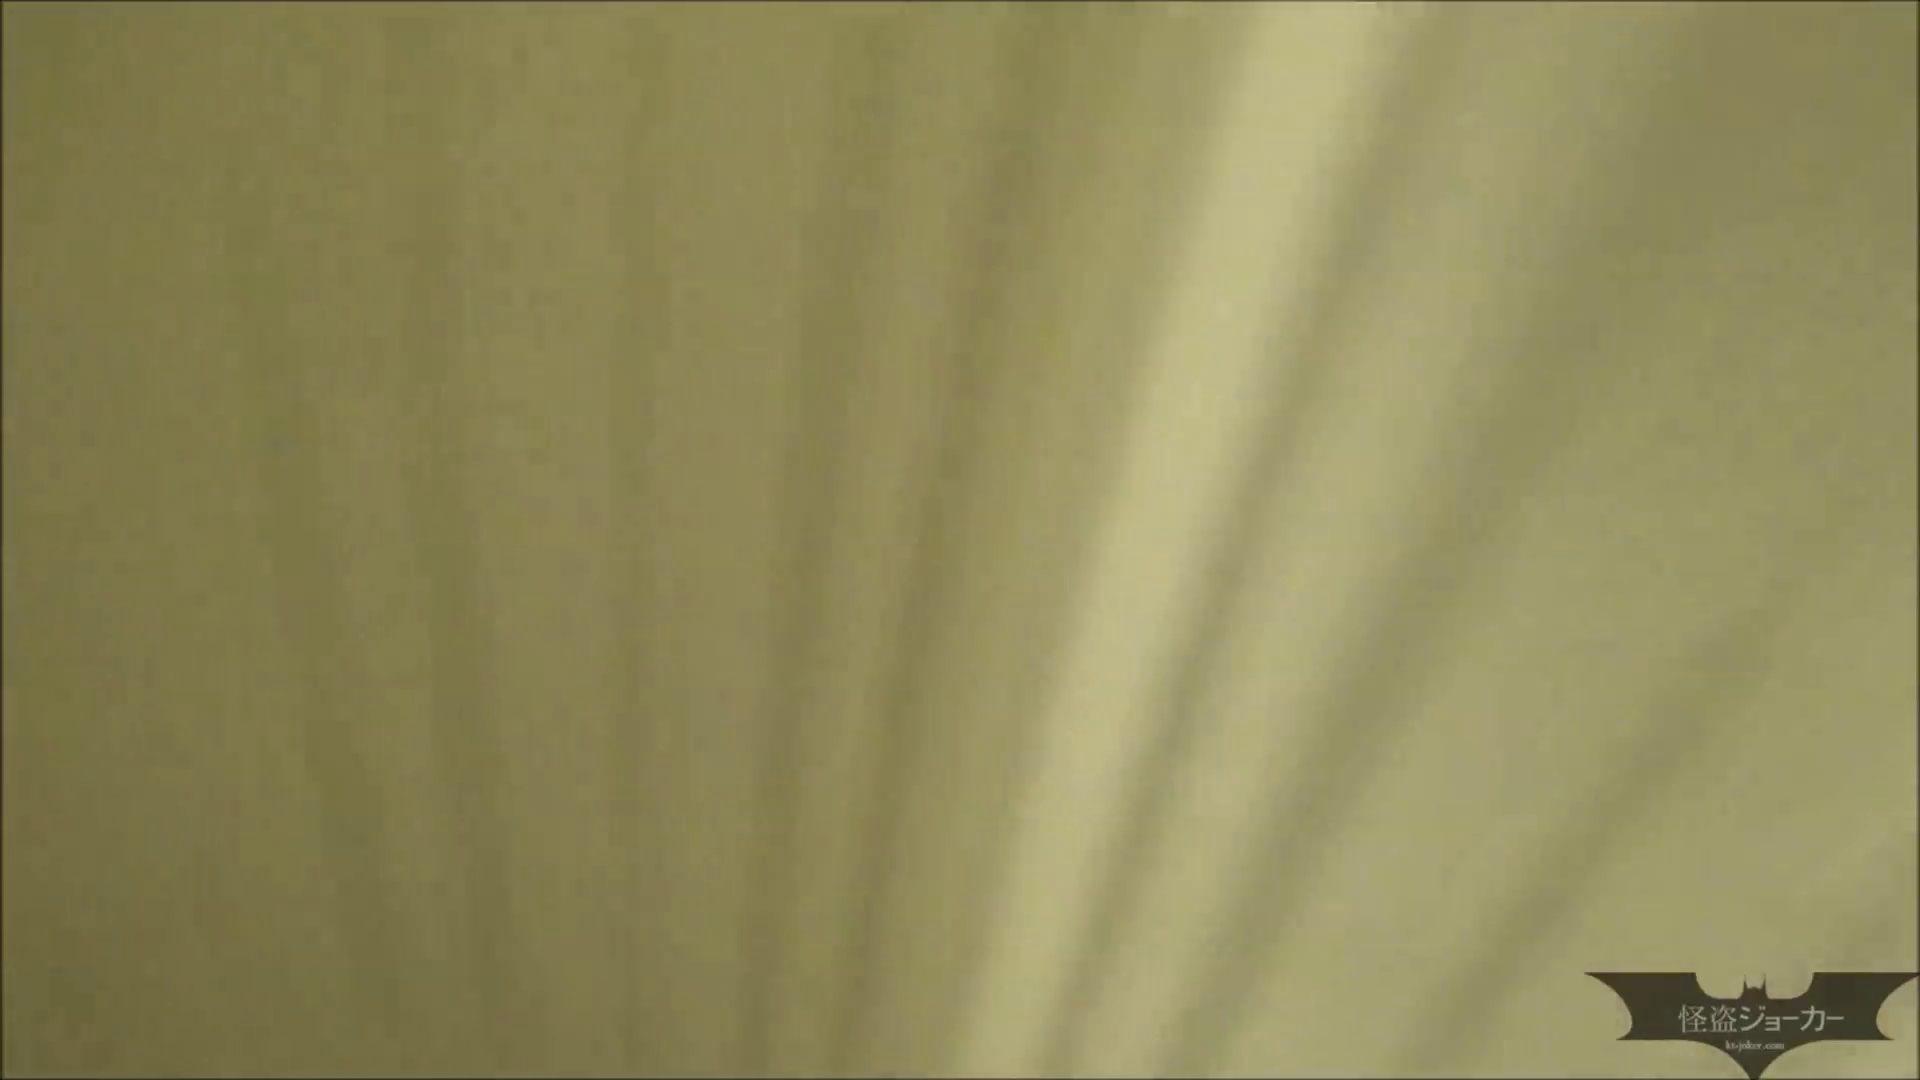 【未公開】vol.65【営業のオンナ】なごみちゃんと知り合って。 色っぽいOL達   0  70pic 19